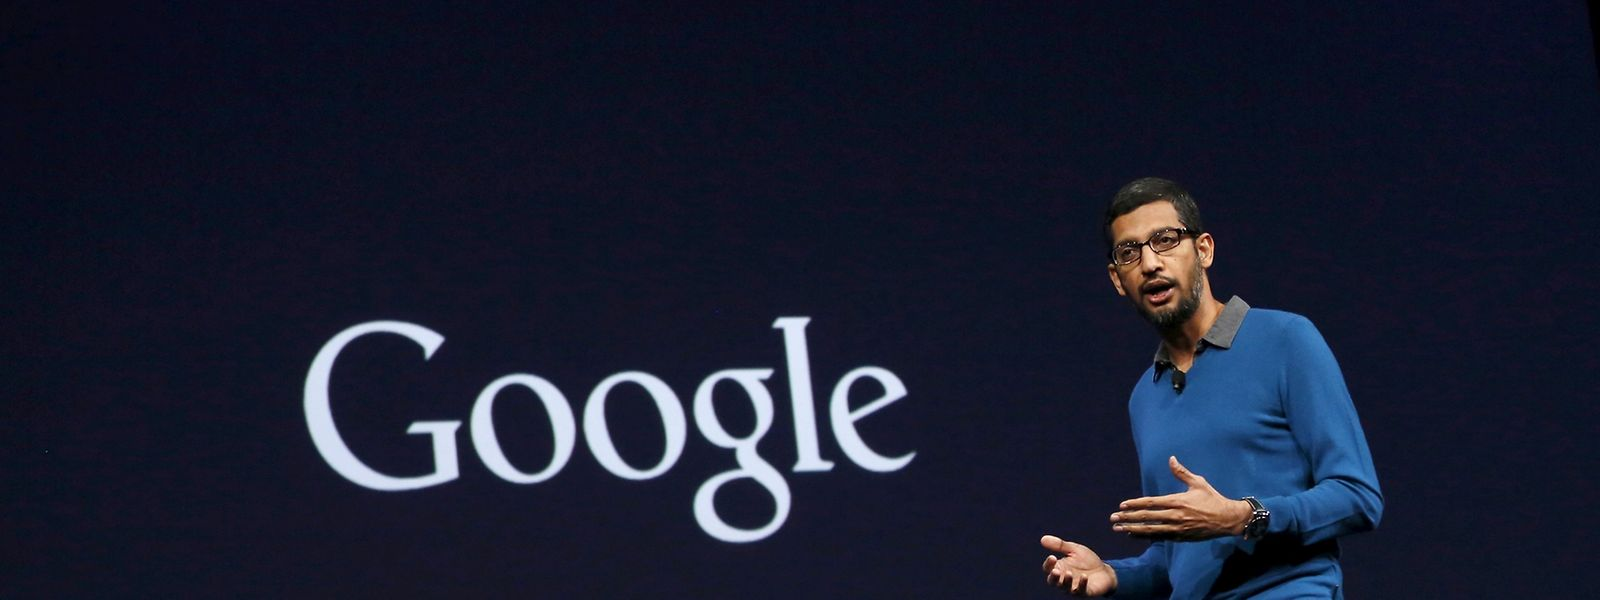 Auf der Entwicklerkonferenz Google I/O dreht sich alles um die Visionen der Google-Führung - und wie Entwickler diese konkret in Software umsetzen können.